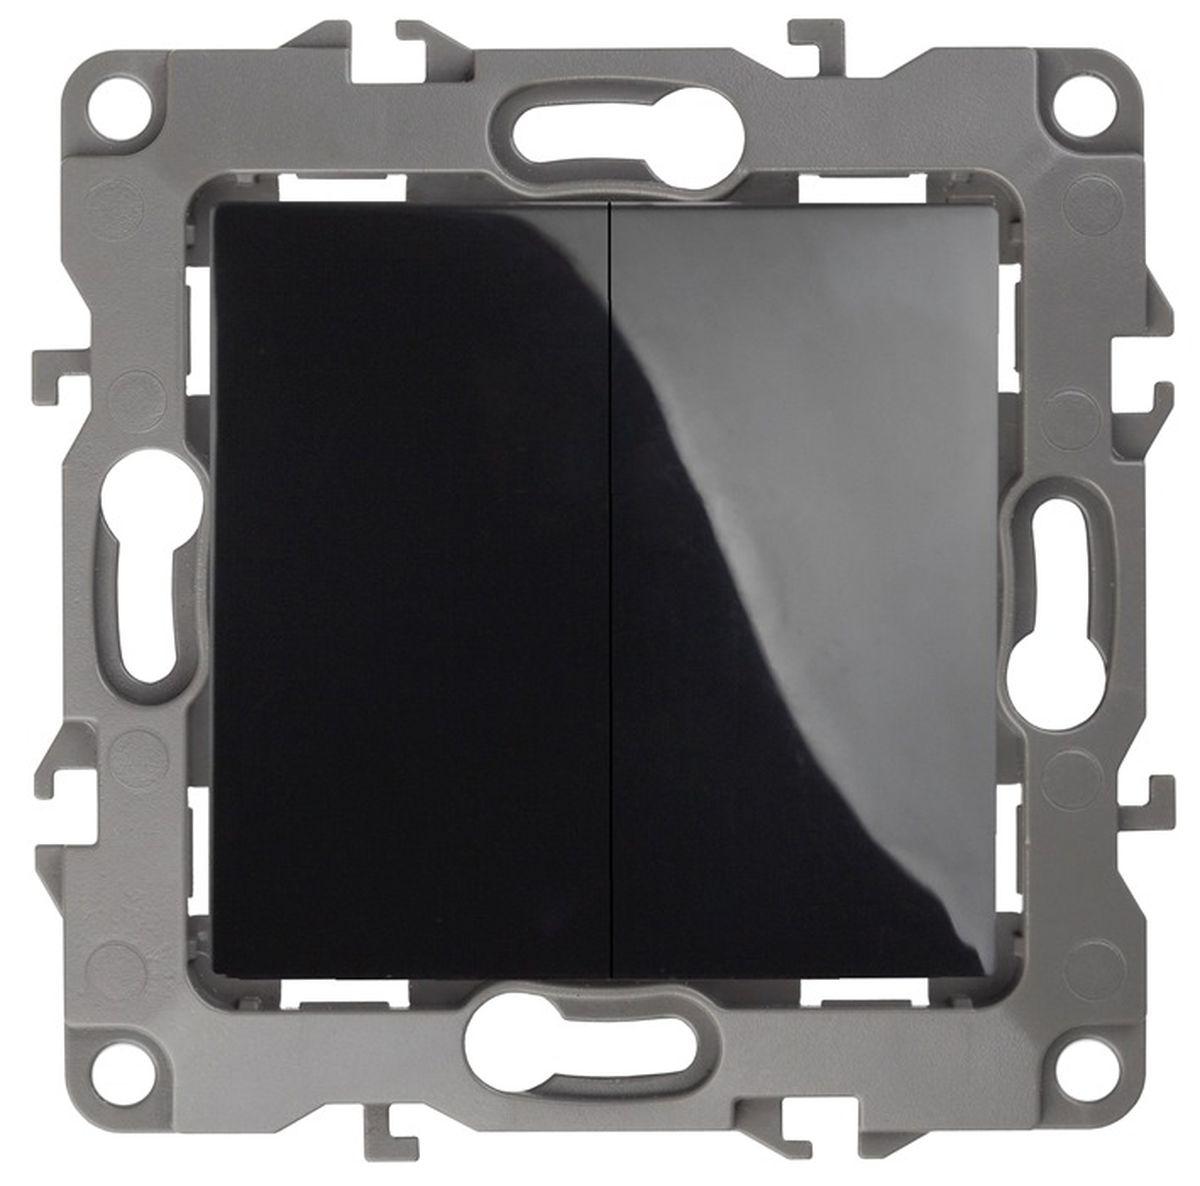 Выключатель ЭРА двойной, 10АХ-250В, Эра12, черный12-1104-06Автоматические зажимы. Такие зажимы кабеля обеспечивают быстрый и надежный монтаж изделия к электросети без отвертки и не требуют обслуживания в отличие от винтовых зажимов.